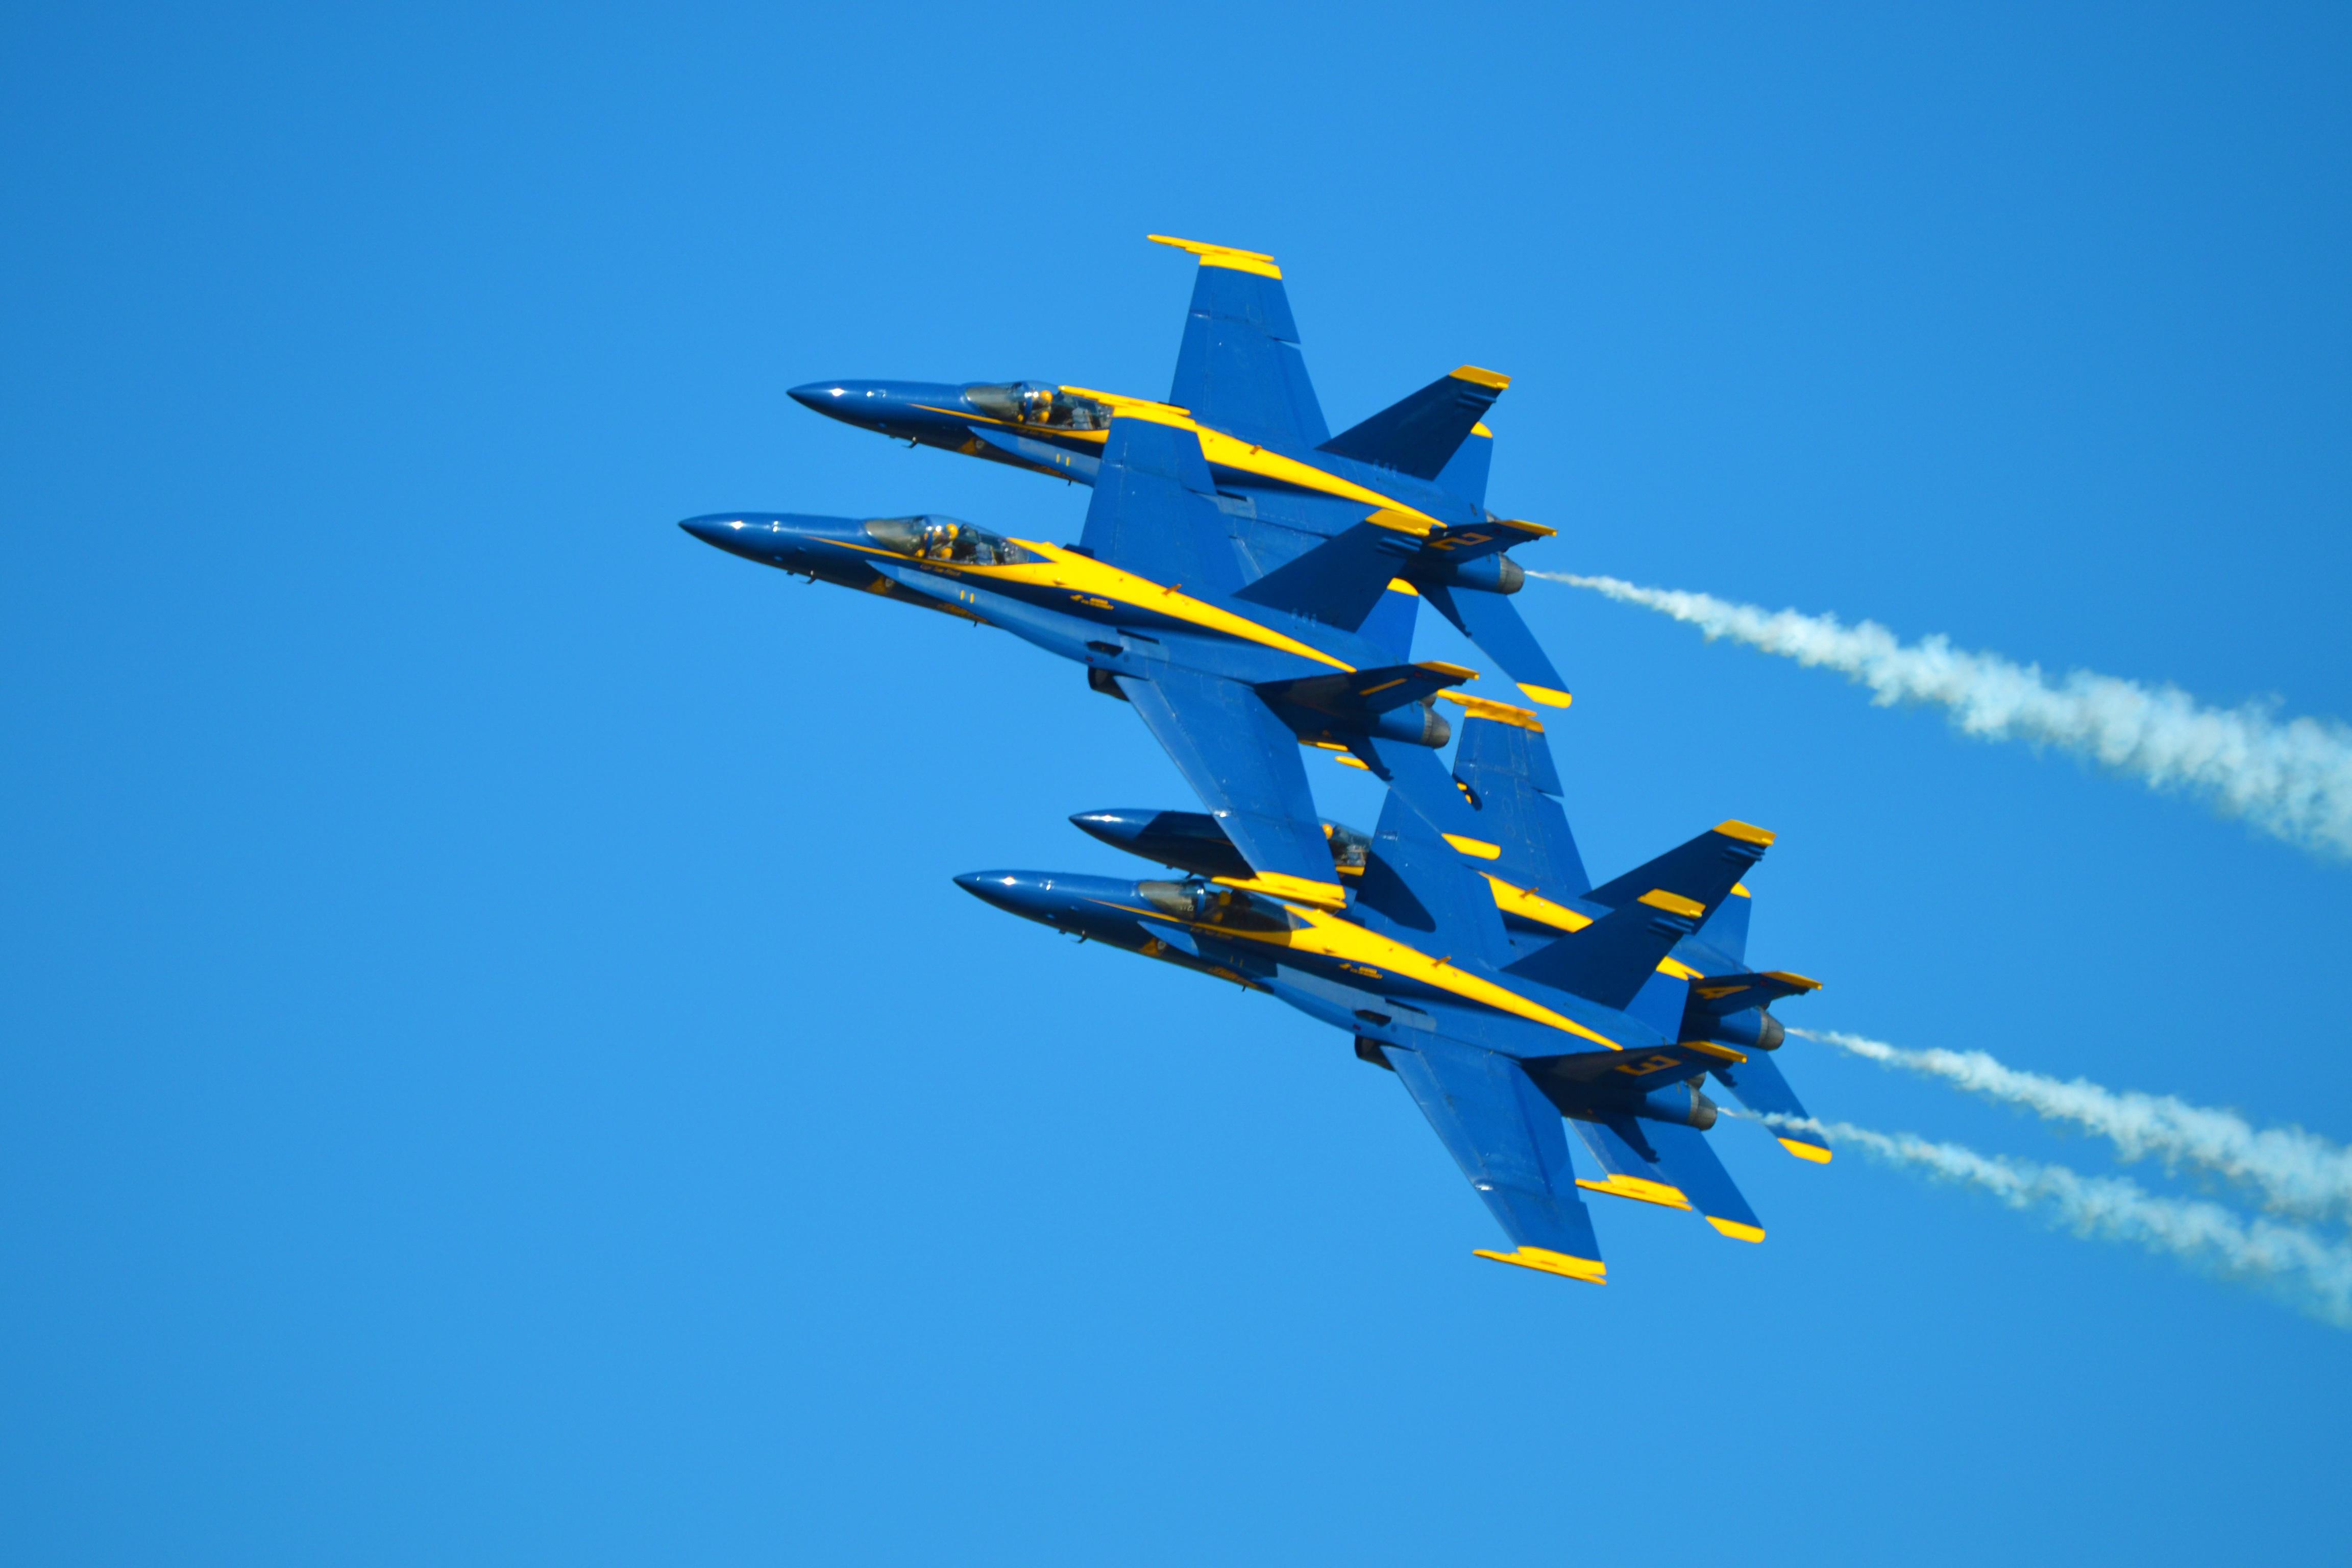 Картинки военные самолеты в небе, смайлики картинки